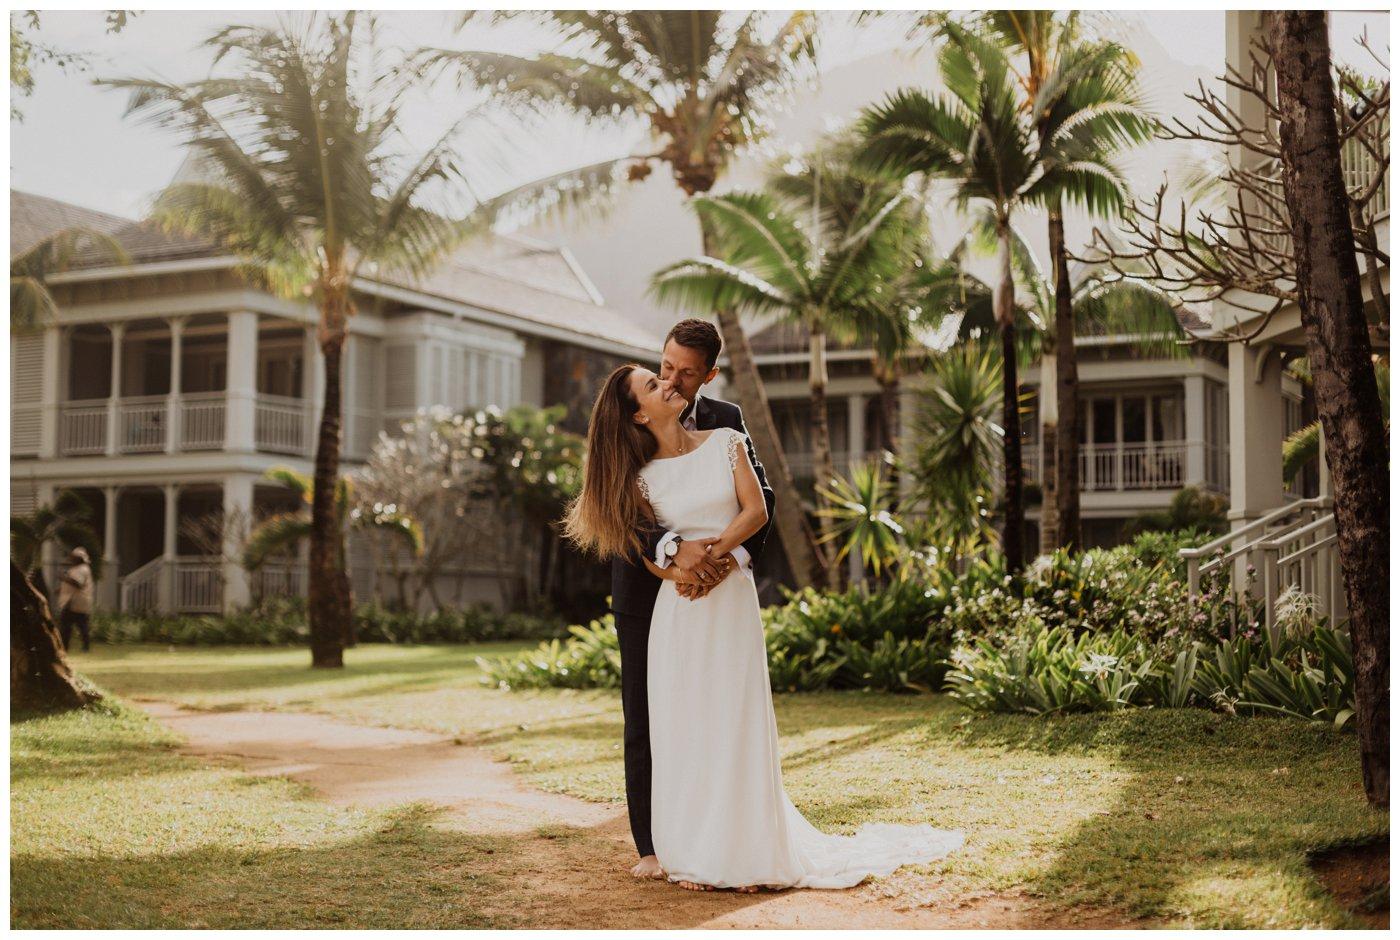 Honeymoon photoshoot in Mauritius